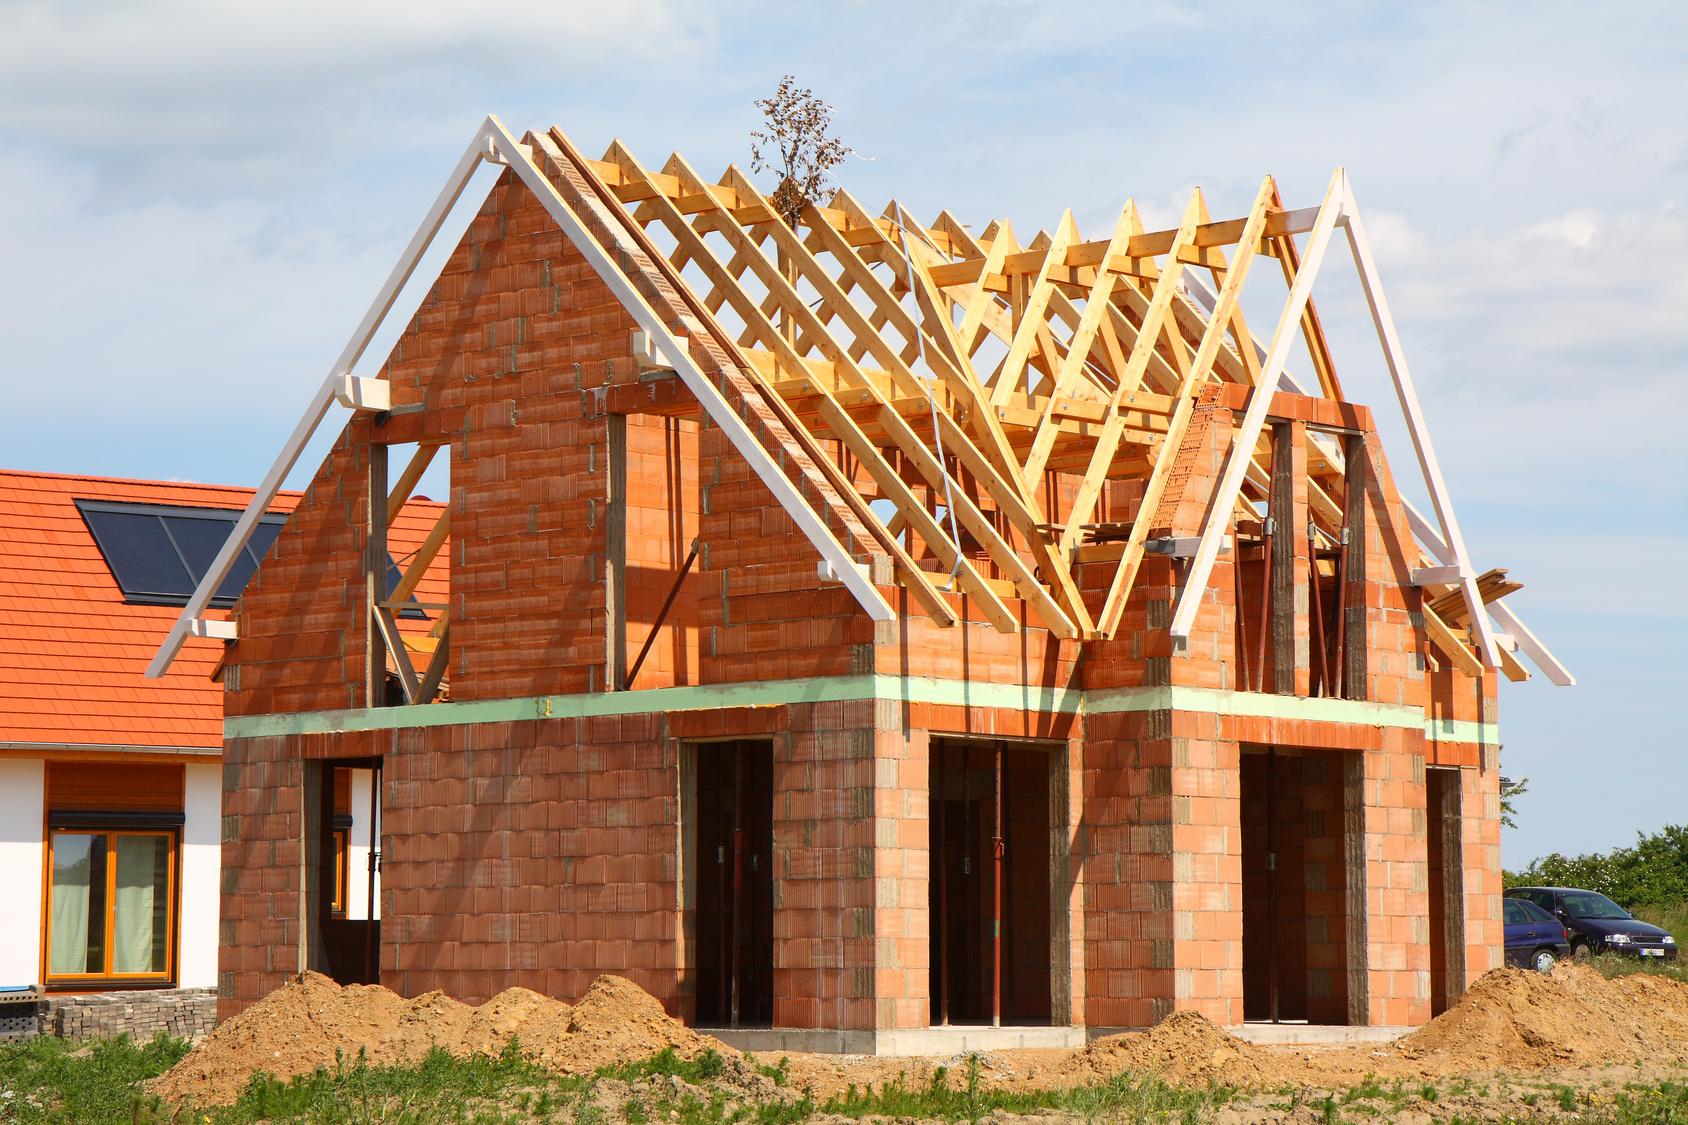 картинки строек домов товаров